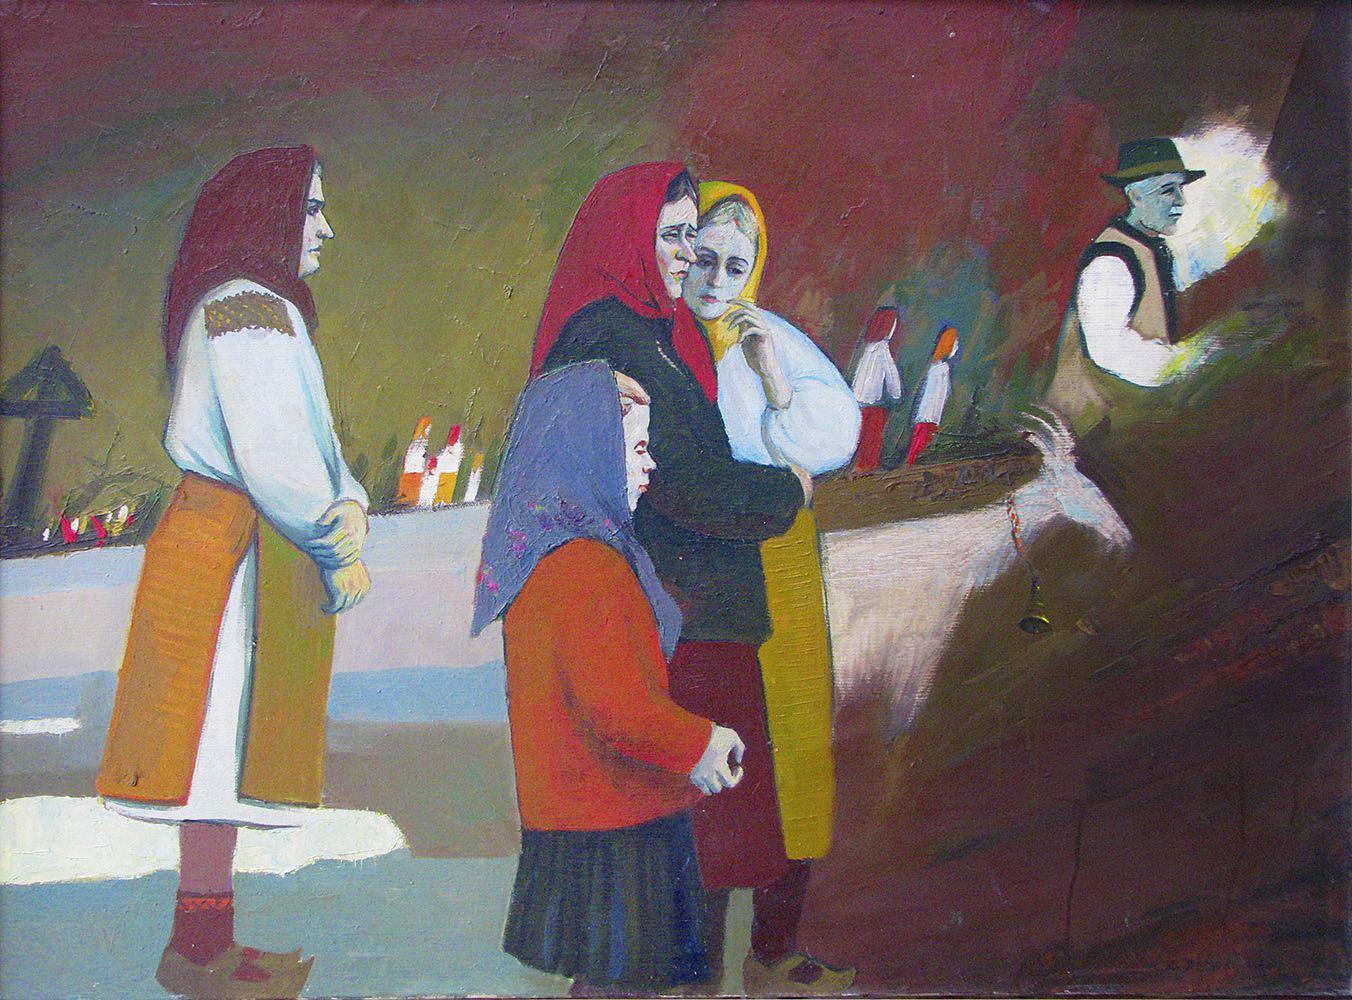 Юрій Лесюк. Чекання, 1989; полотно, олія; 80-100